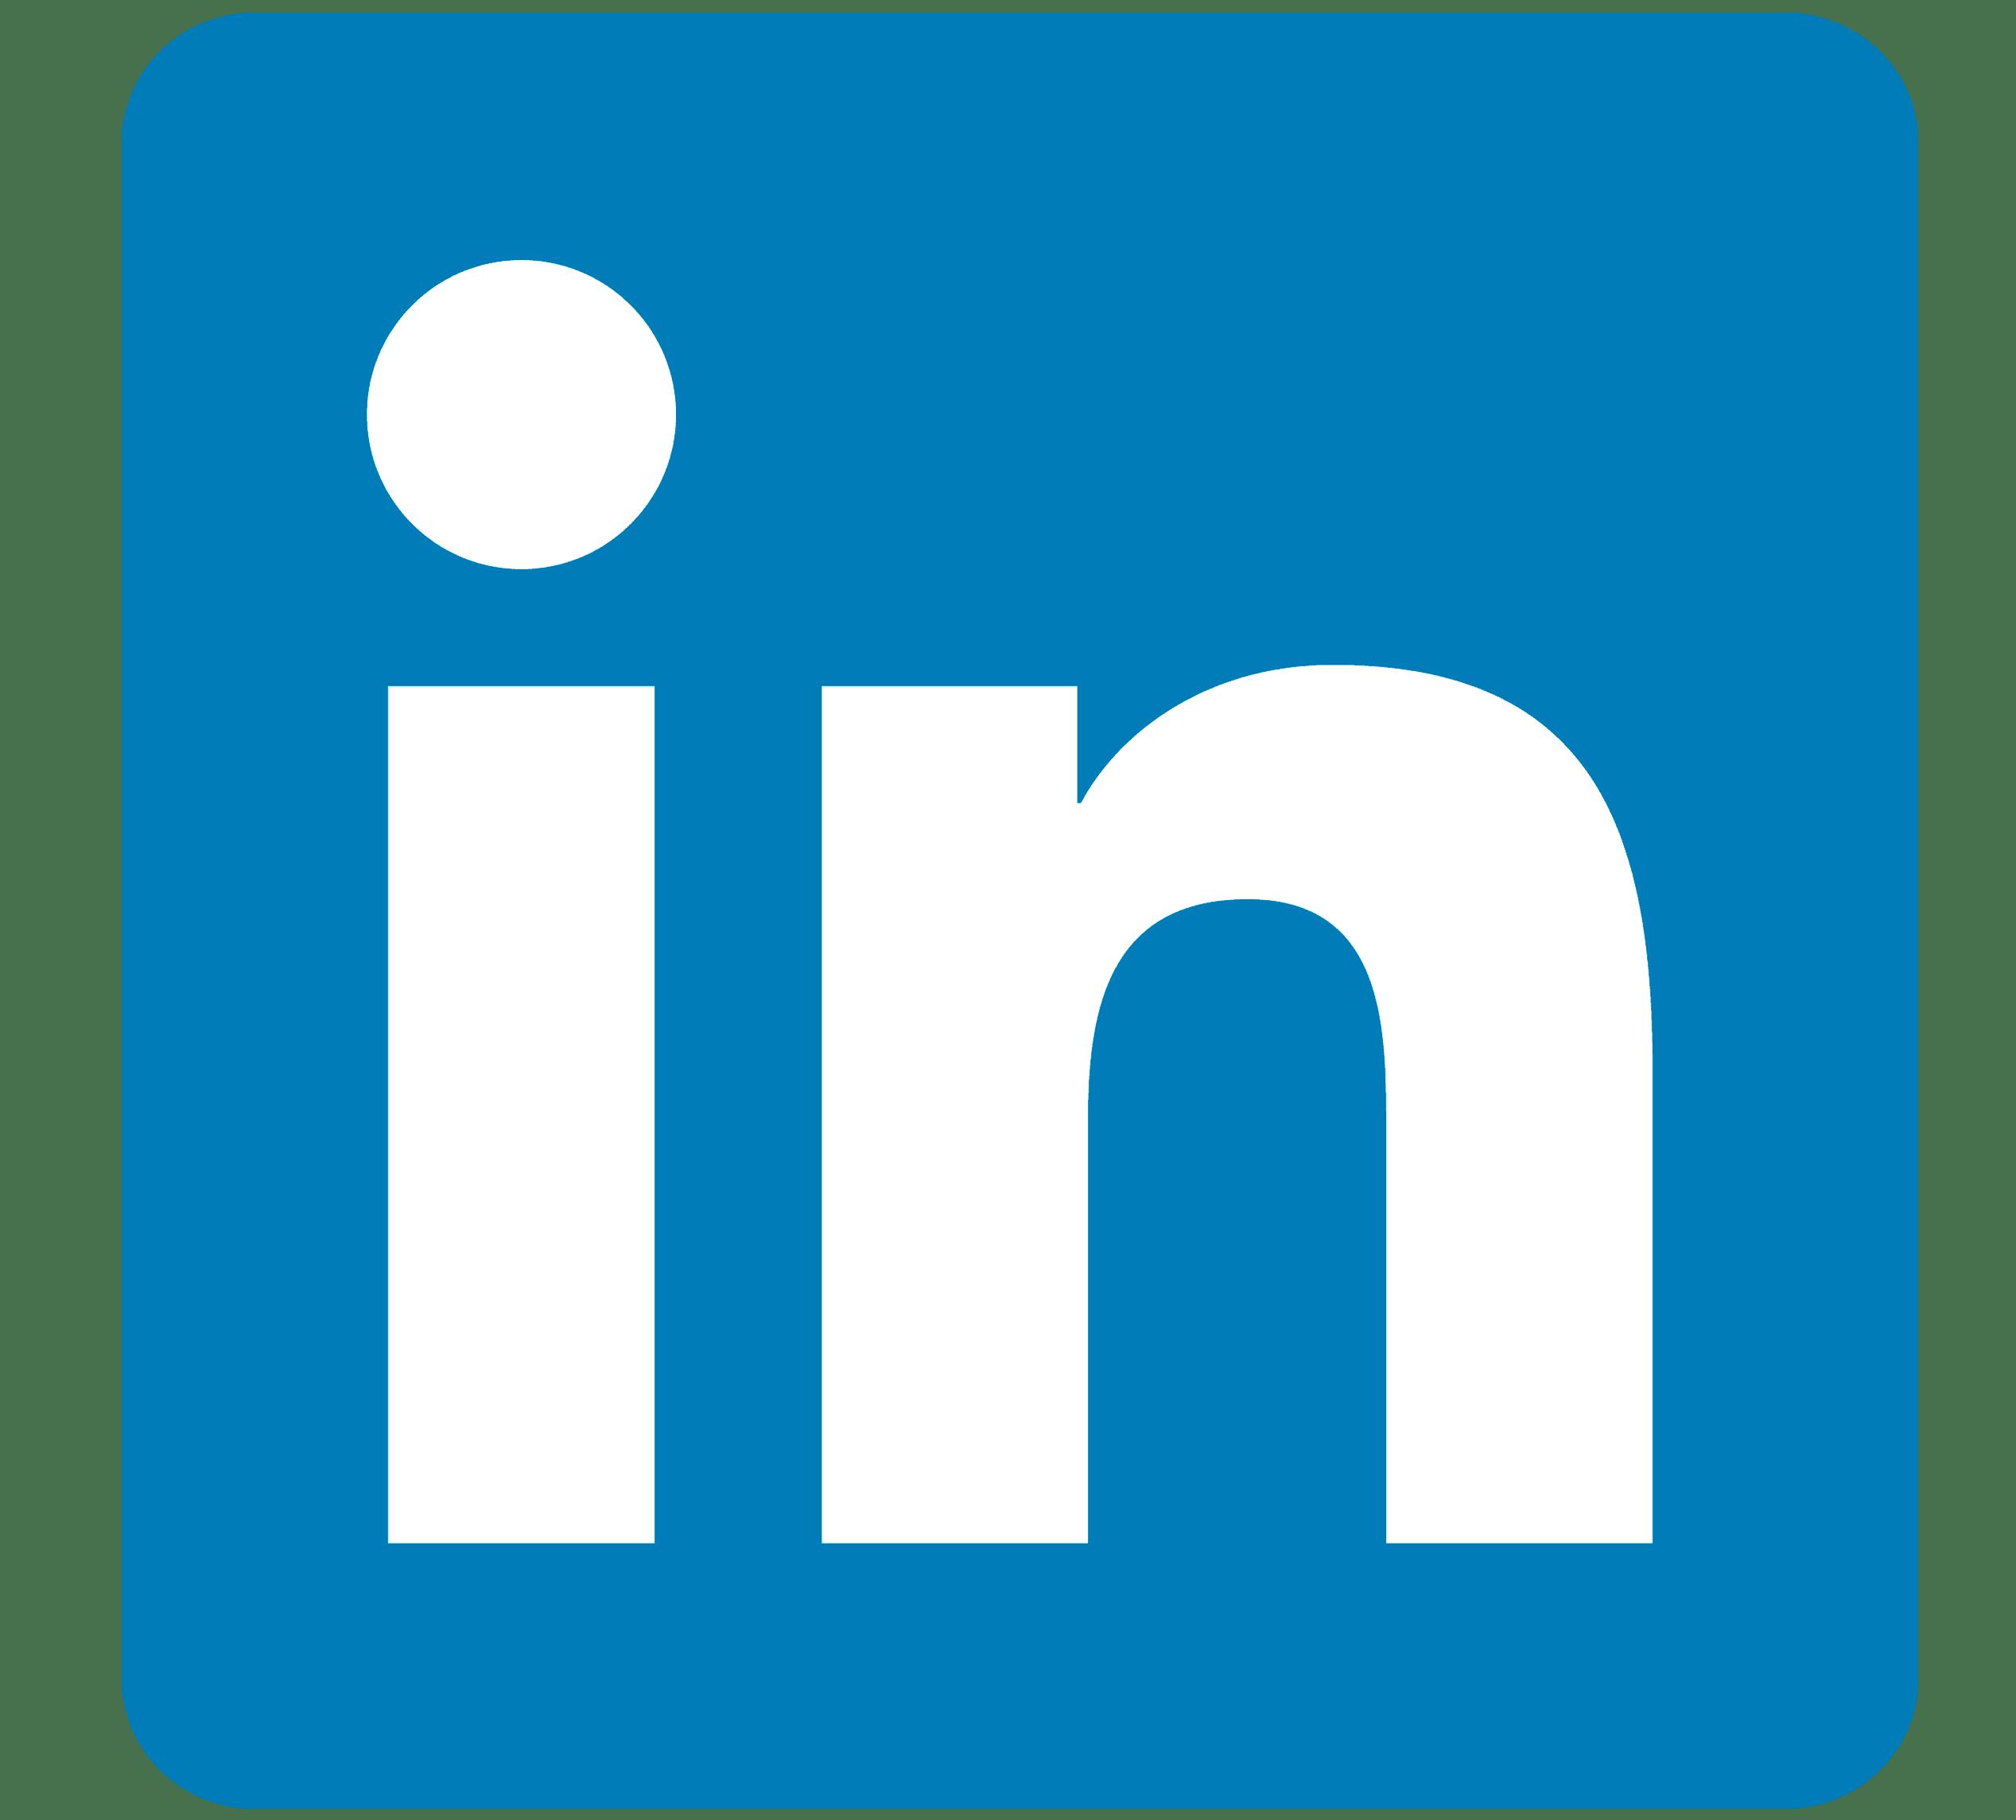 LinkedIn cropped Opens in new window